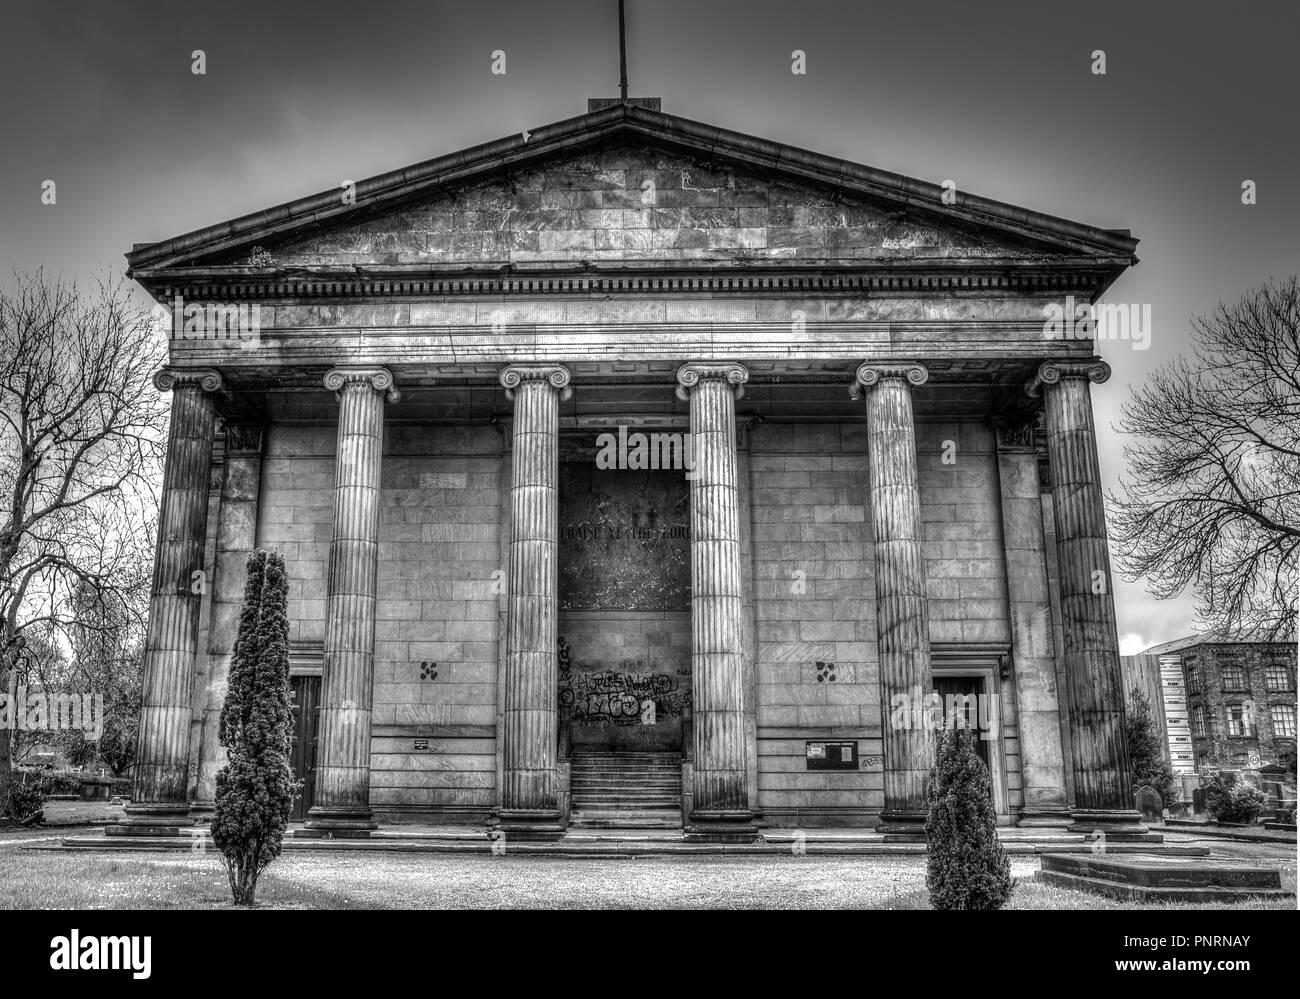 St Thomas church, Stockport, UK - Stock Image